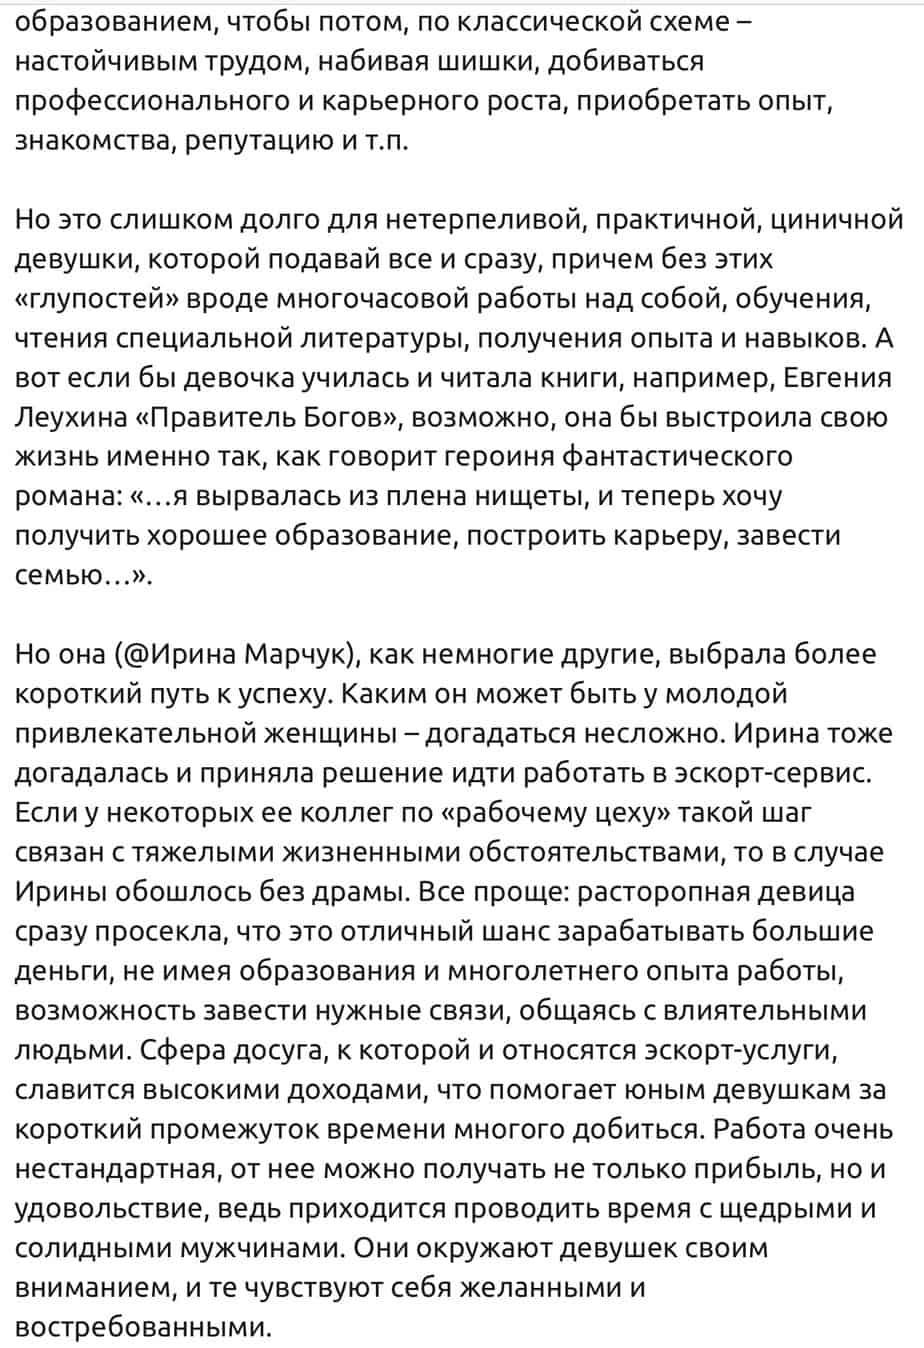 Ирина Марчук проститутка